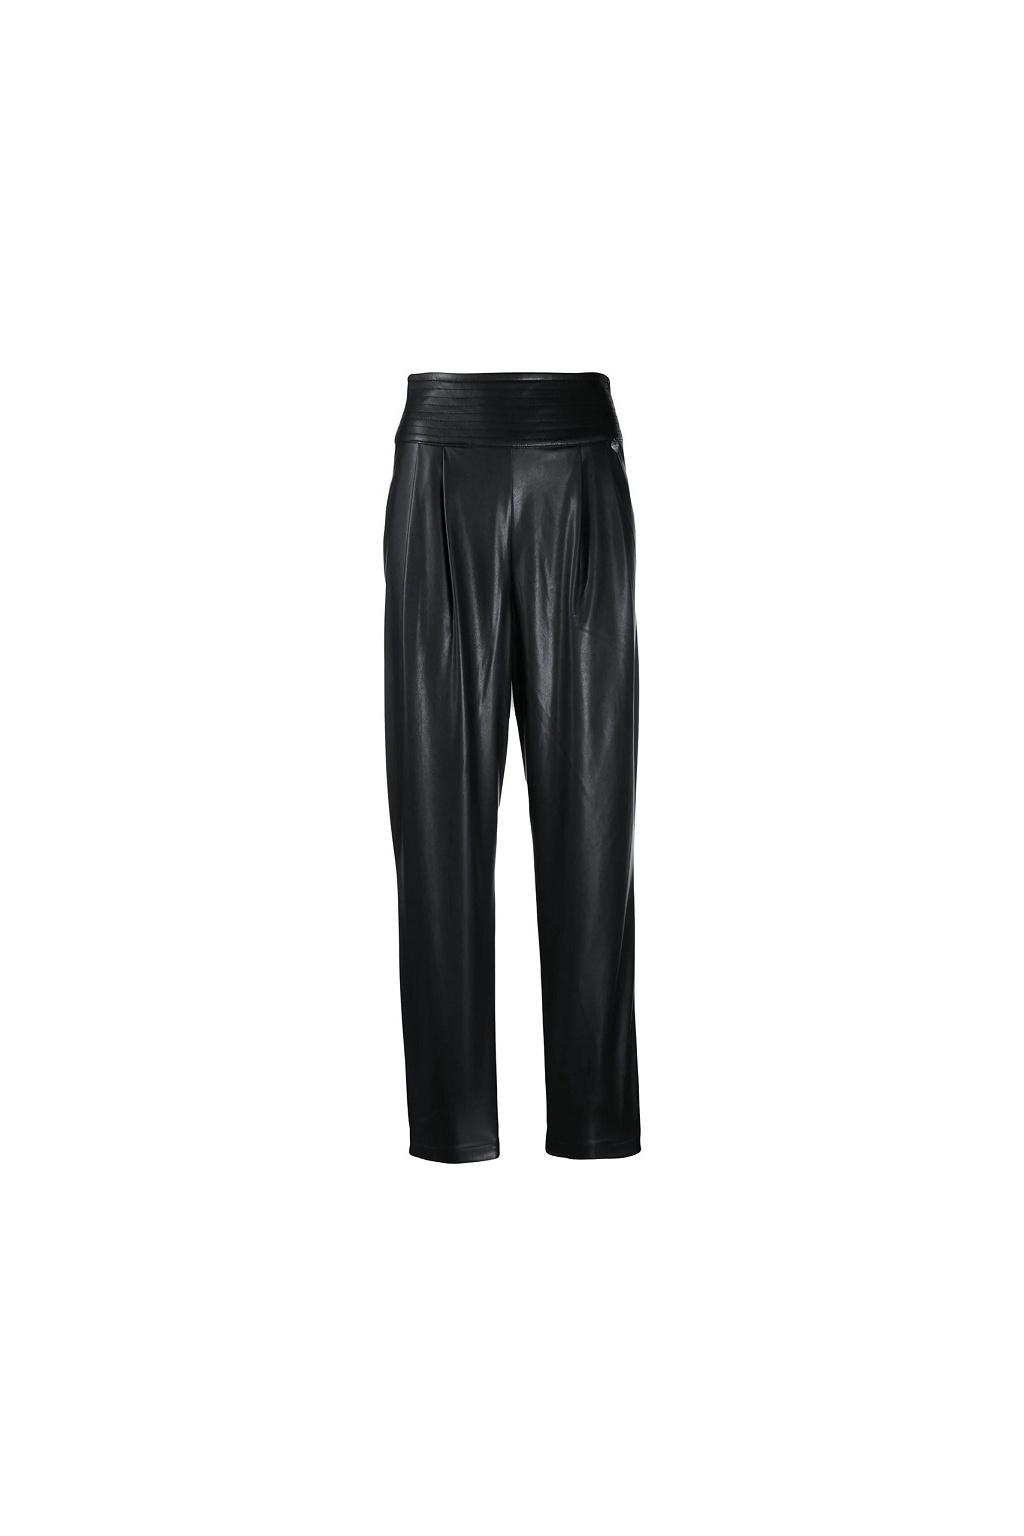 Dámské kalhoty Twinset 202TP2061černé